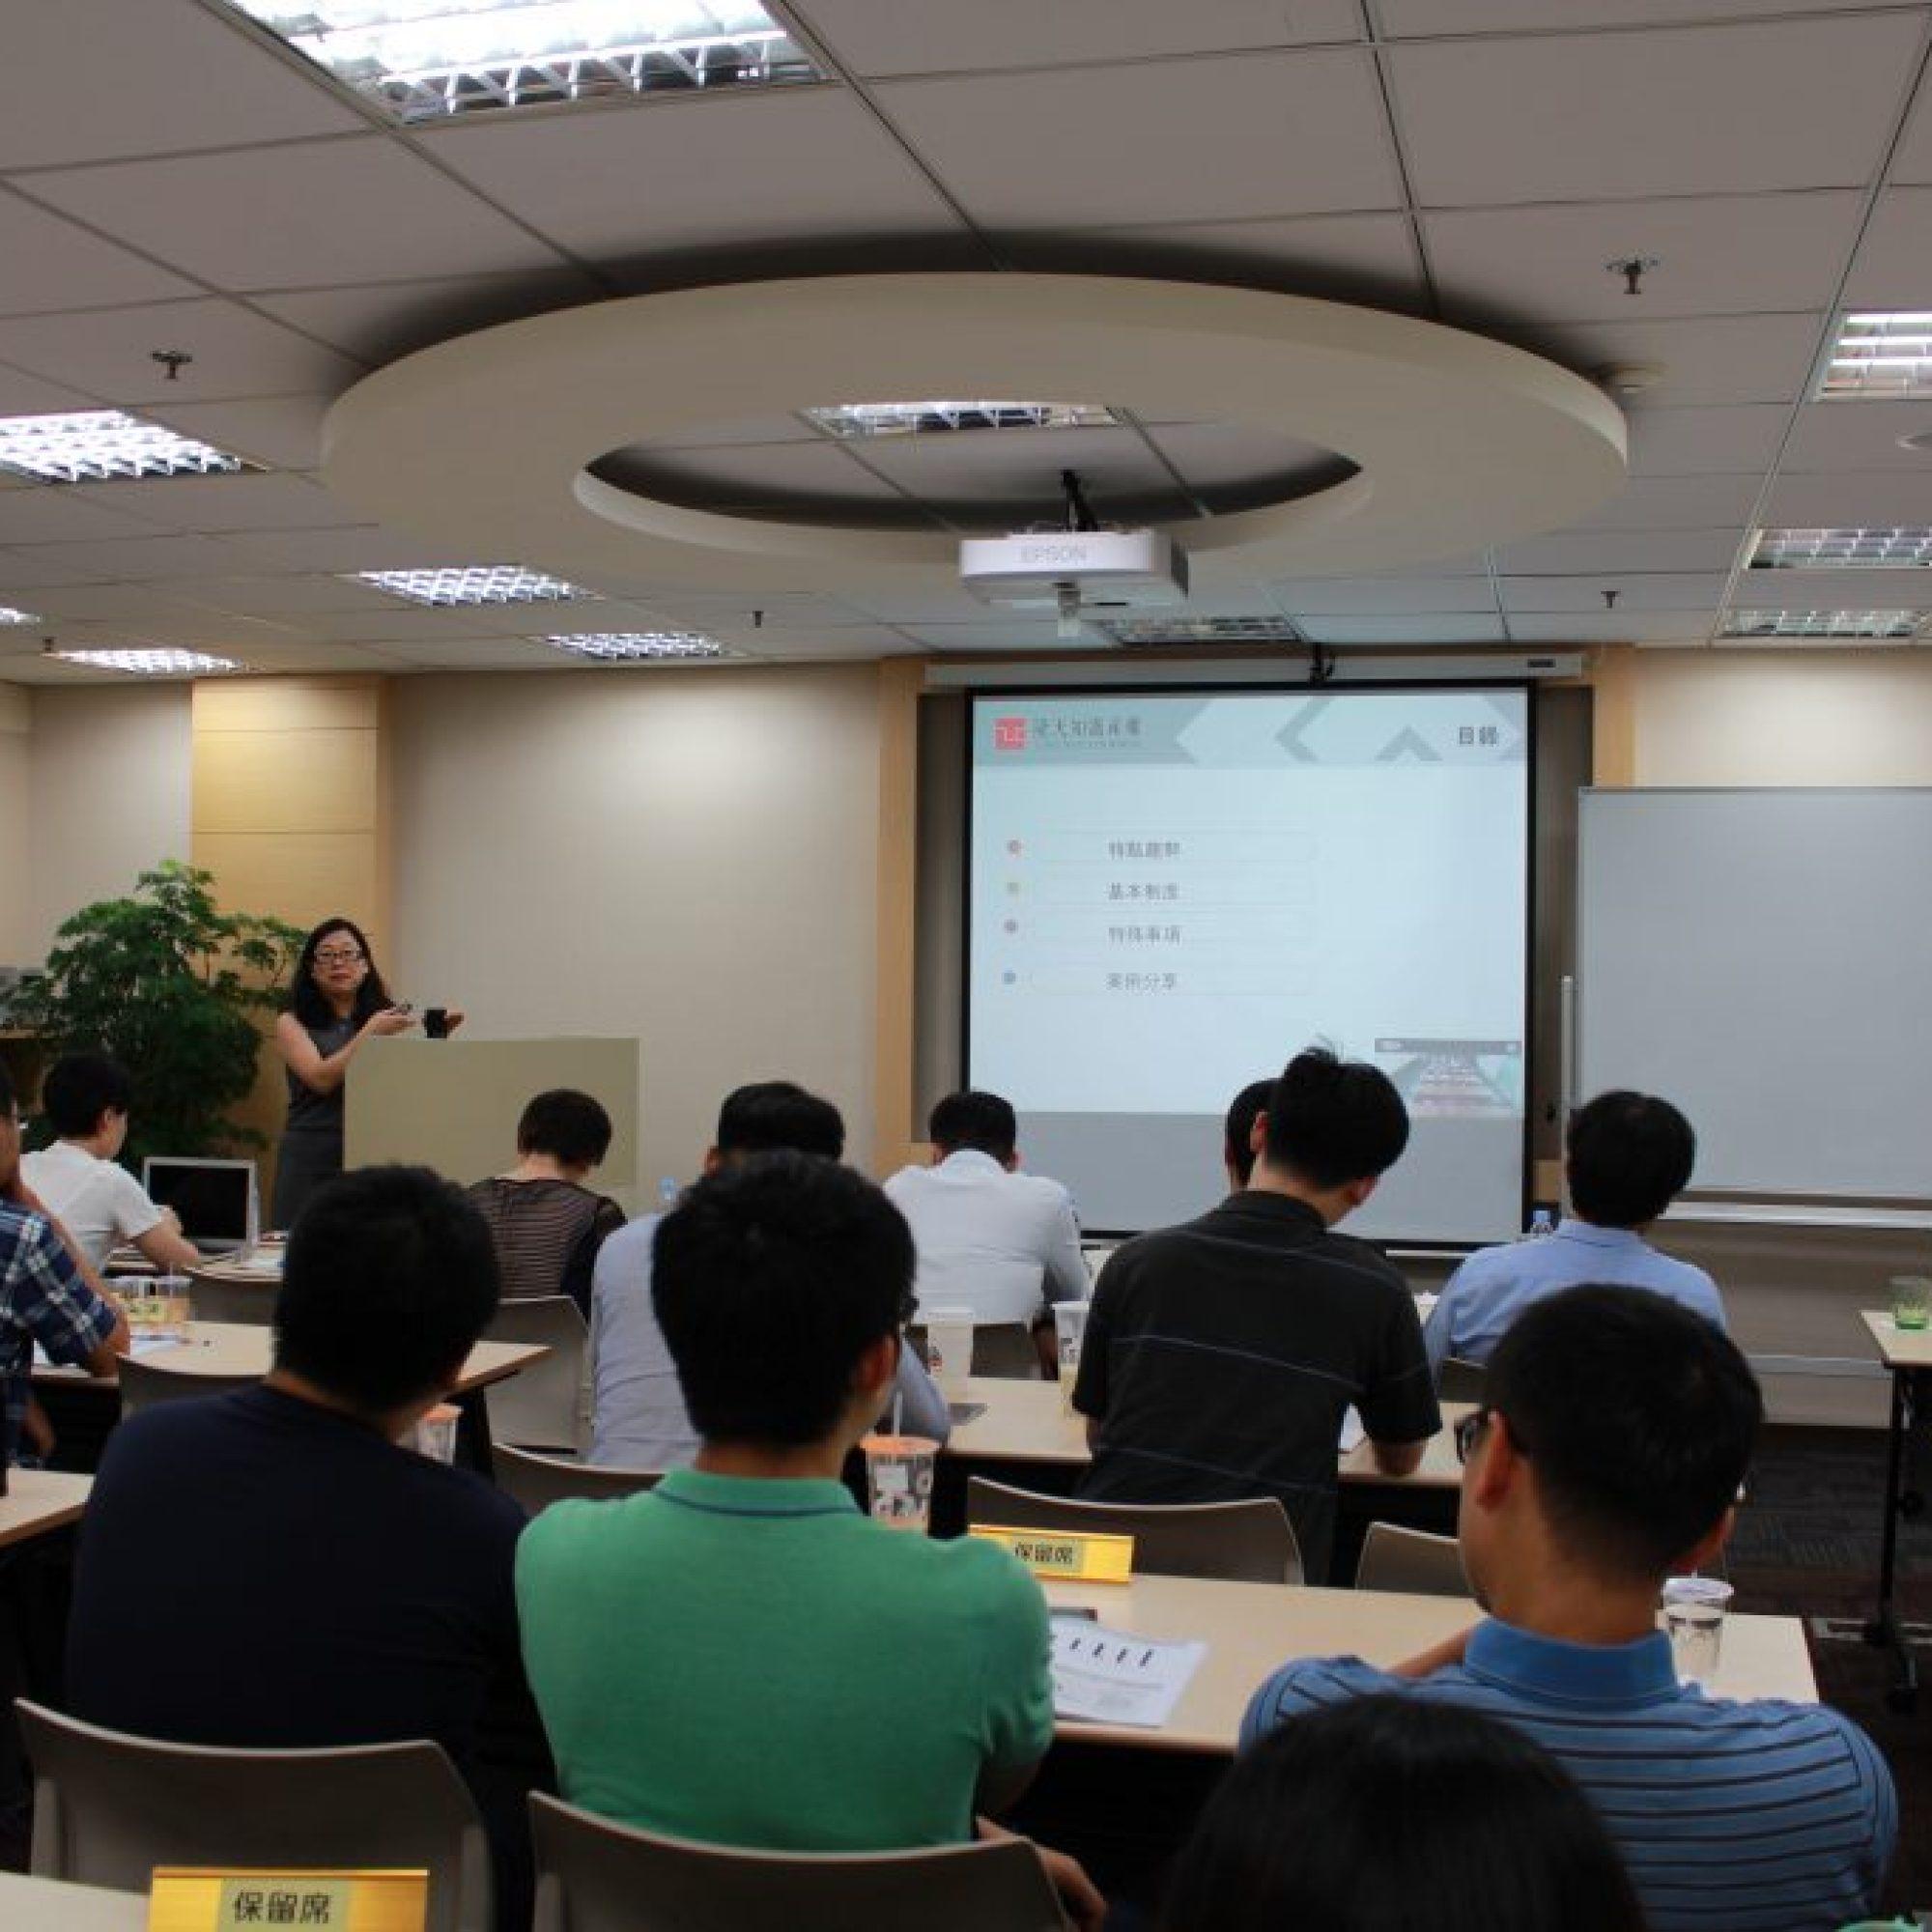 洪燕博士介紹中國專利無效與訴訟的關係與組合